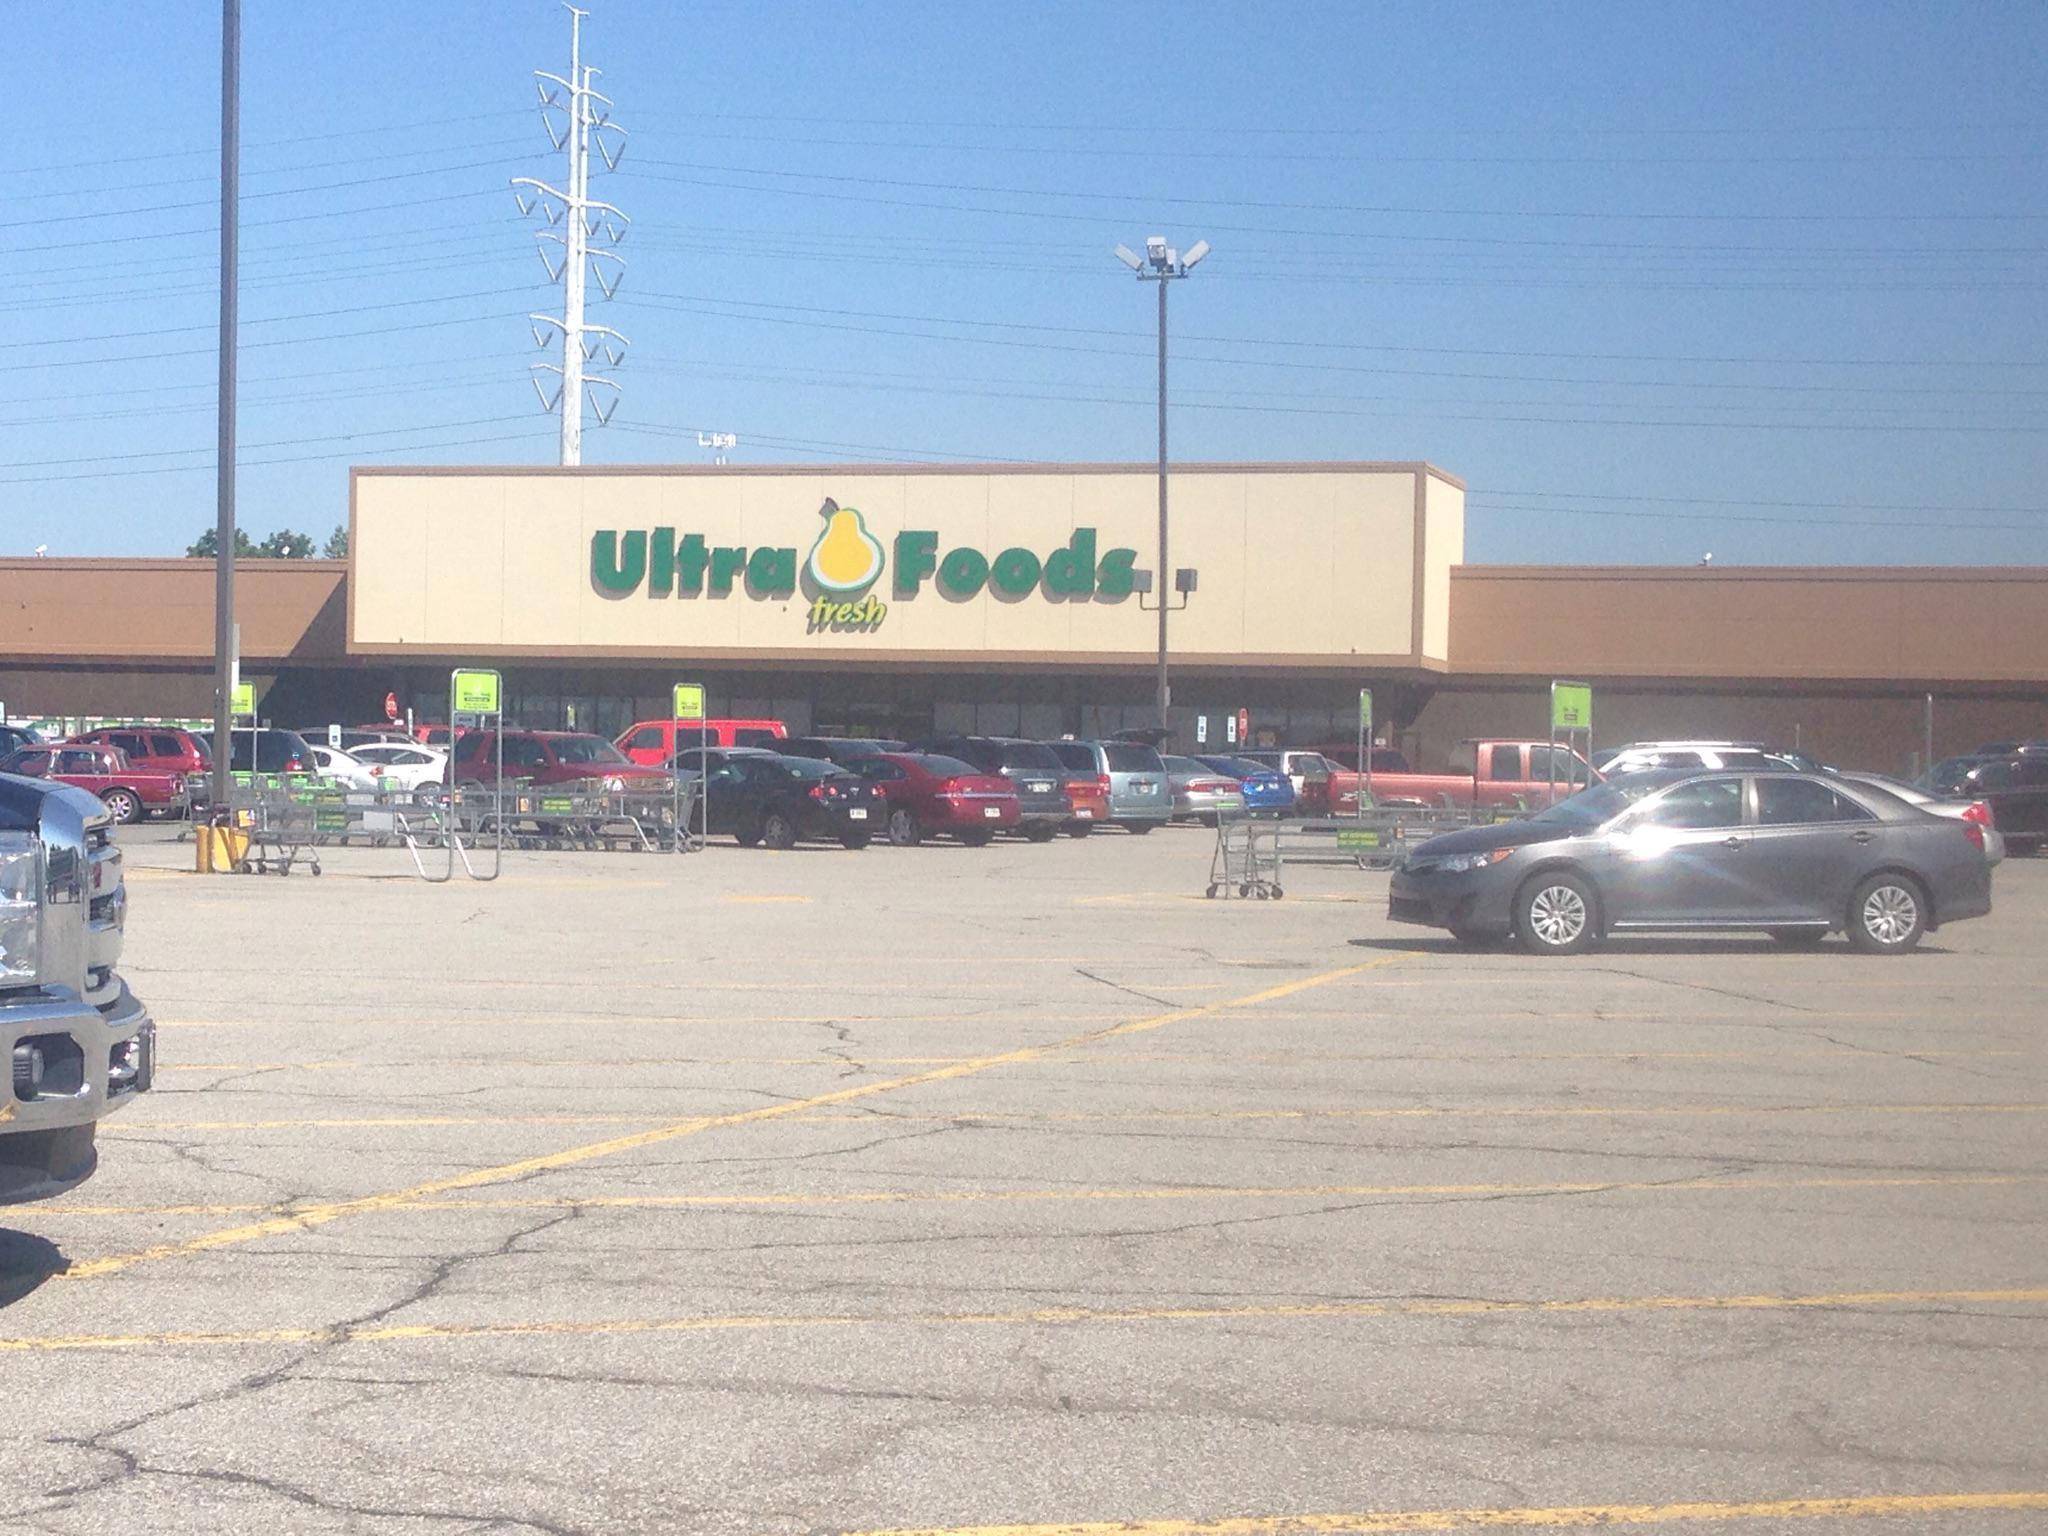 Indiana lake county highland - Ultra Food Store Highland Indiana